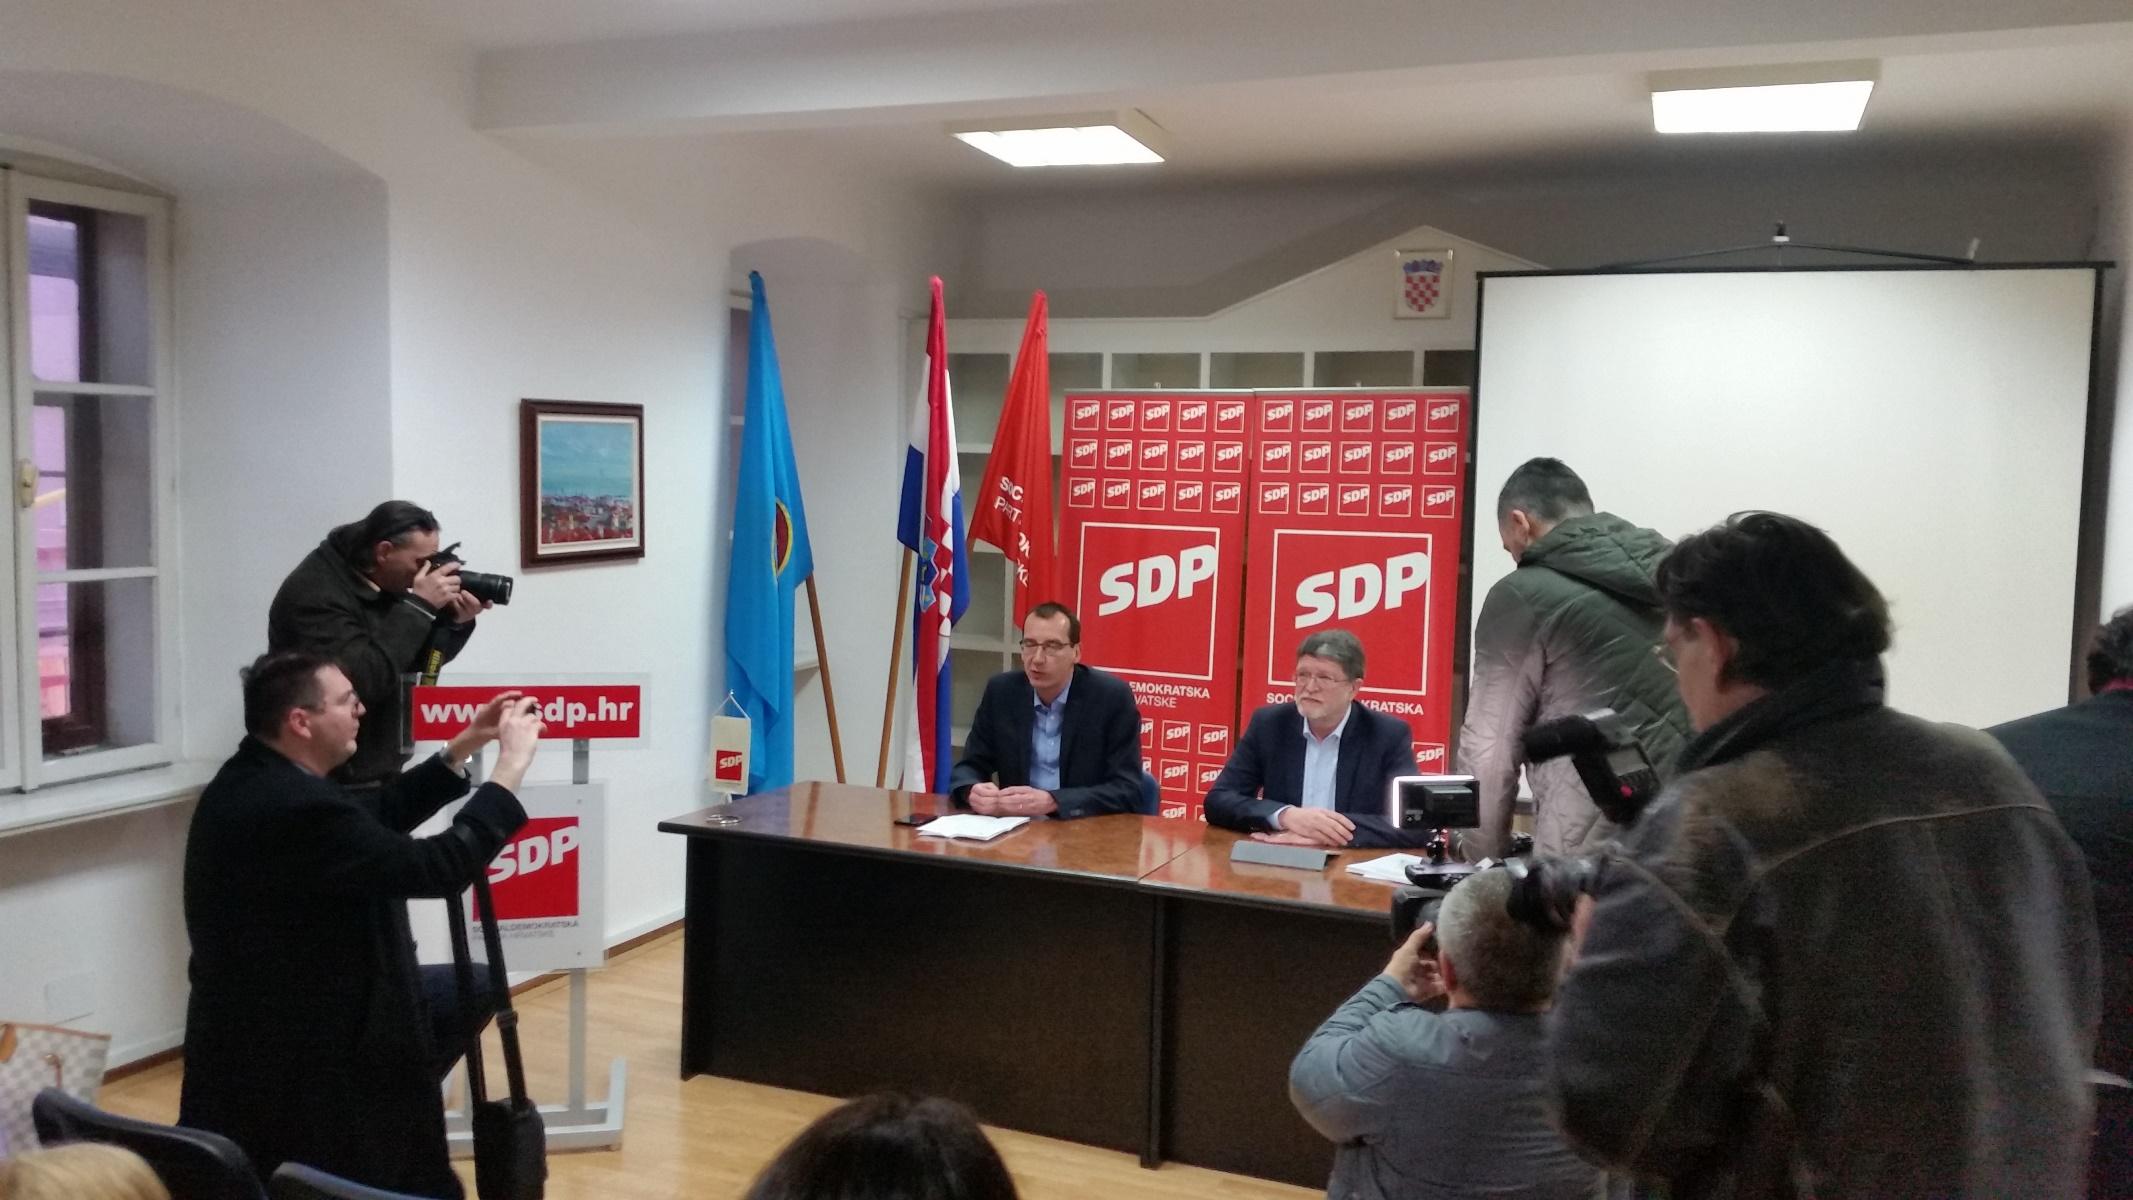 hrvatska, eu, socijaldemokracija - ususret euroizborima